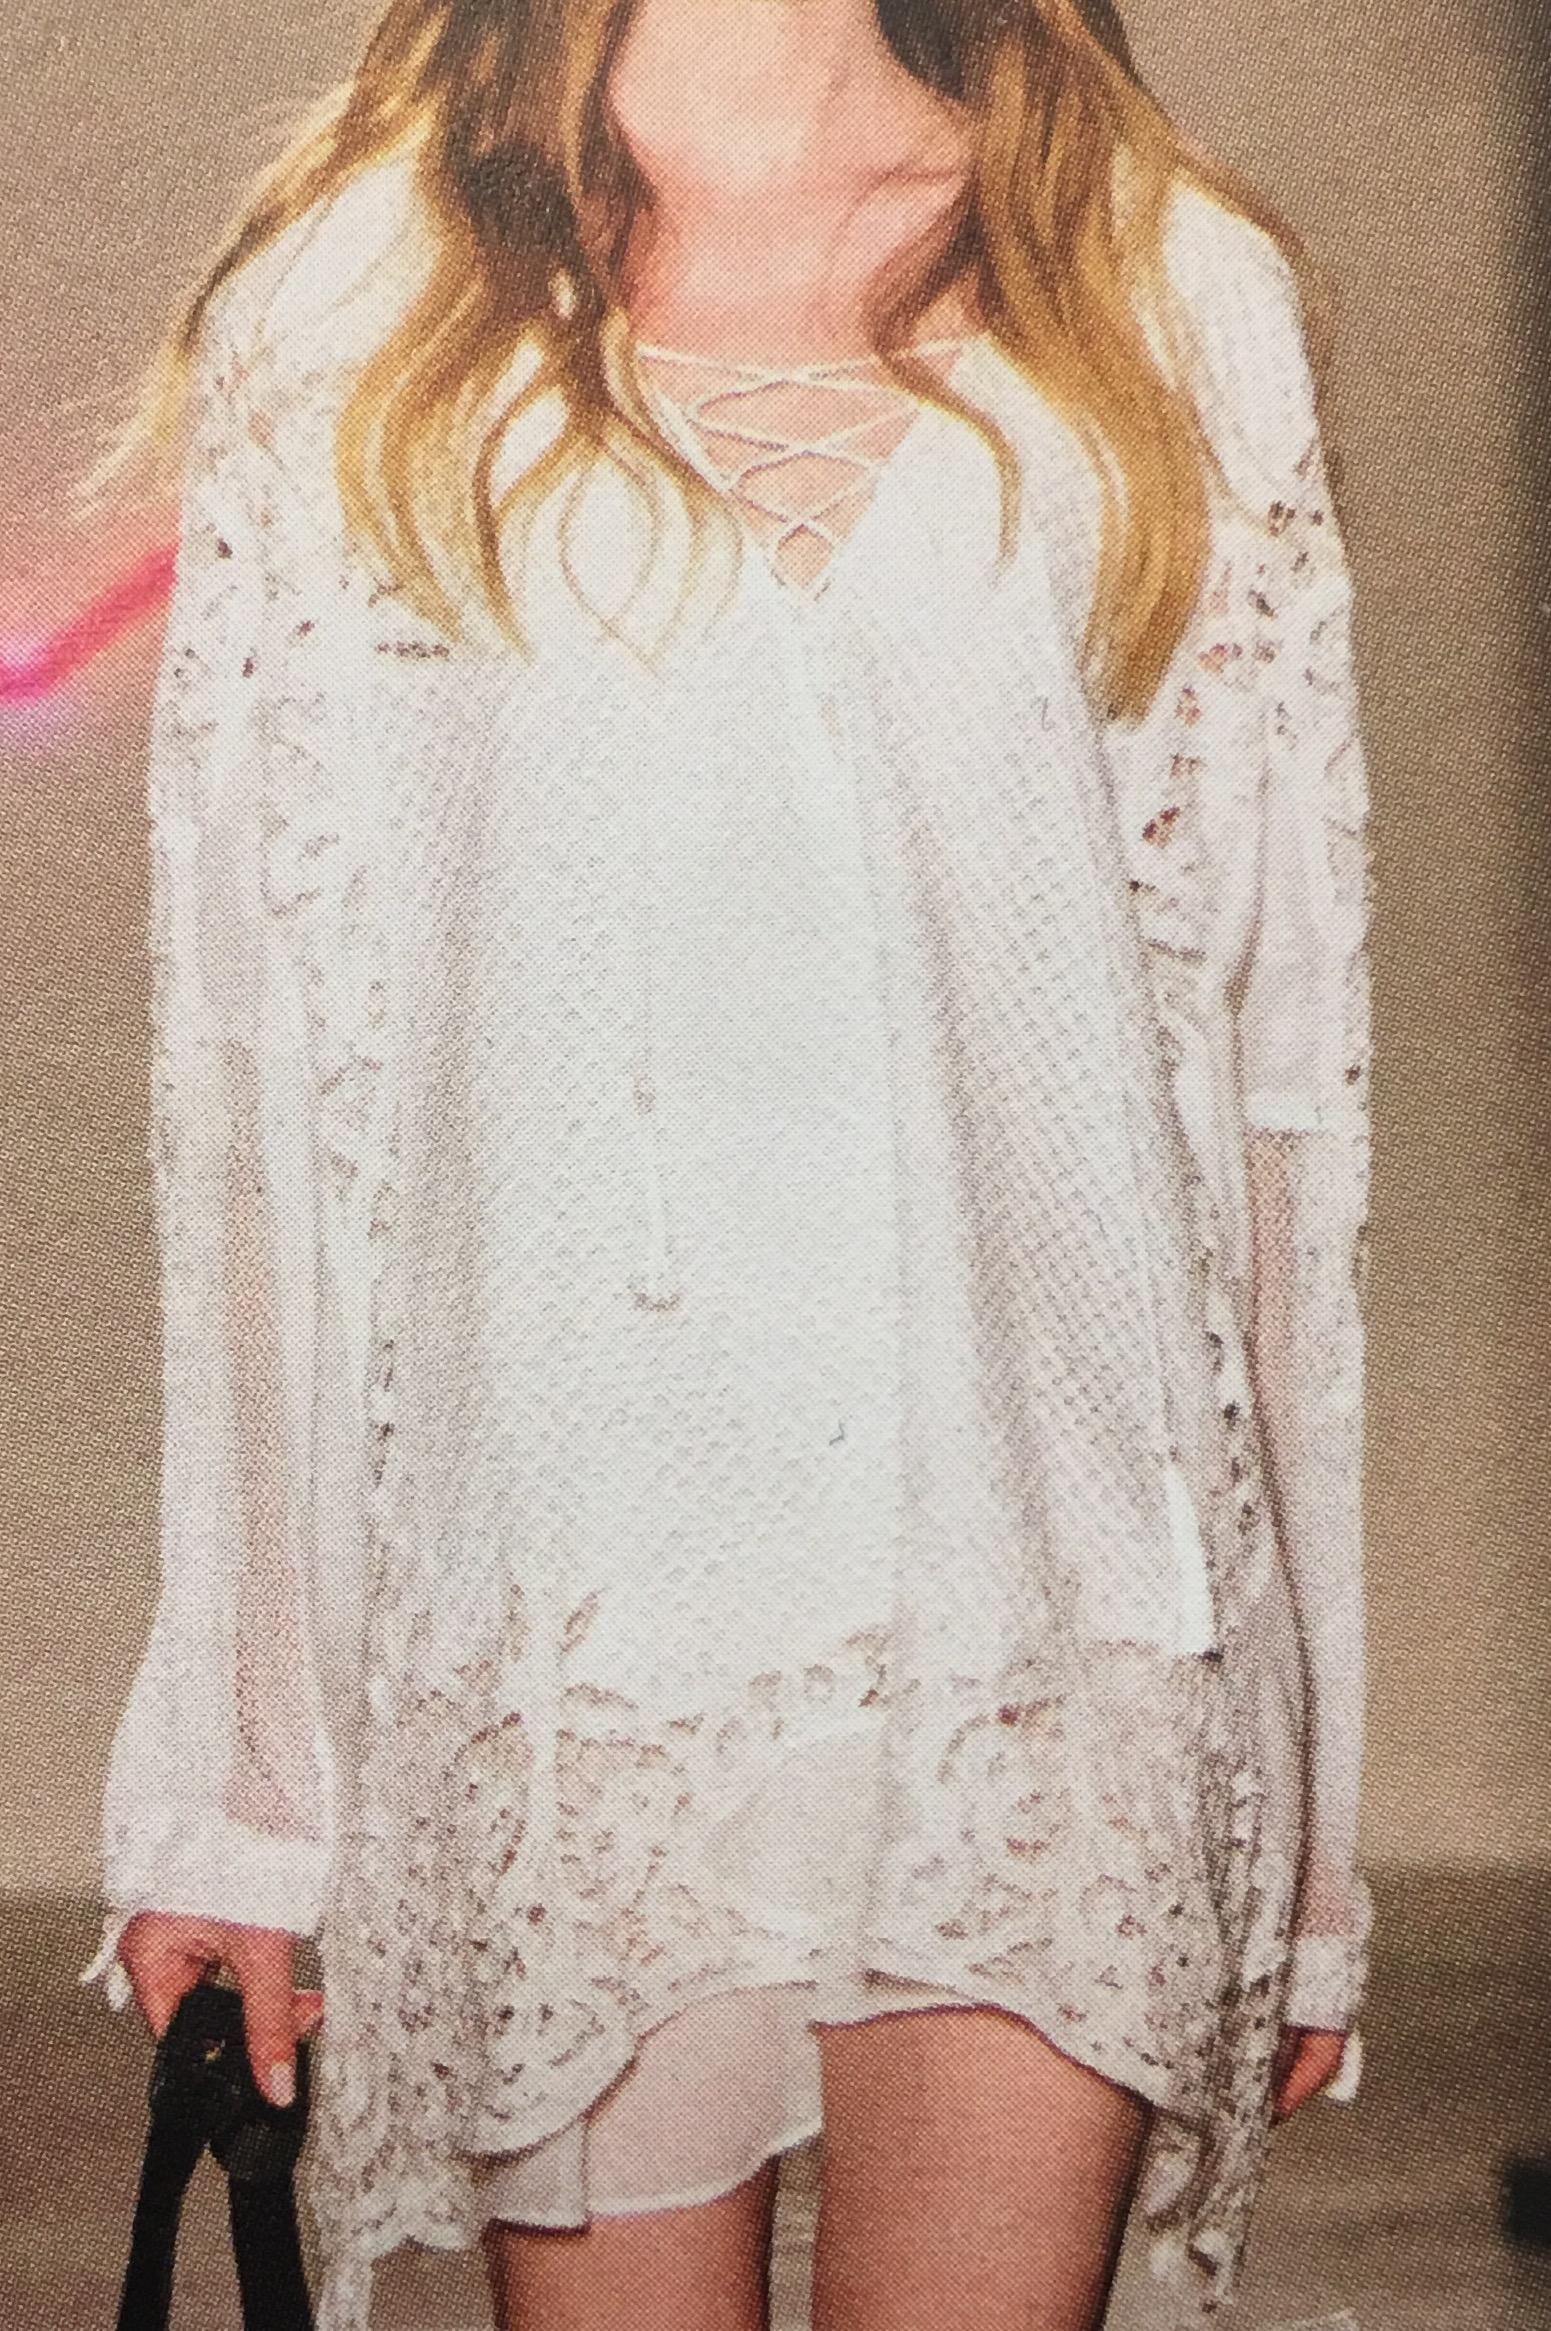 שמלת תחרה לבנה. מושלמת לחופש